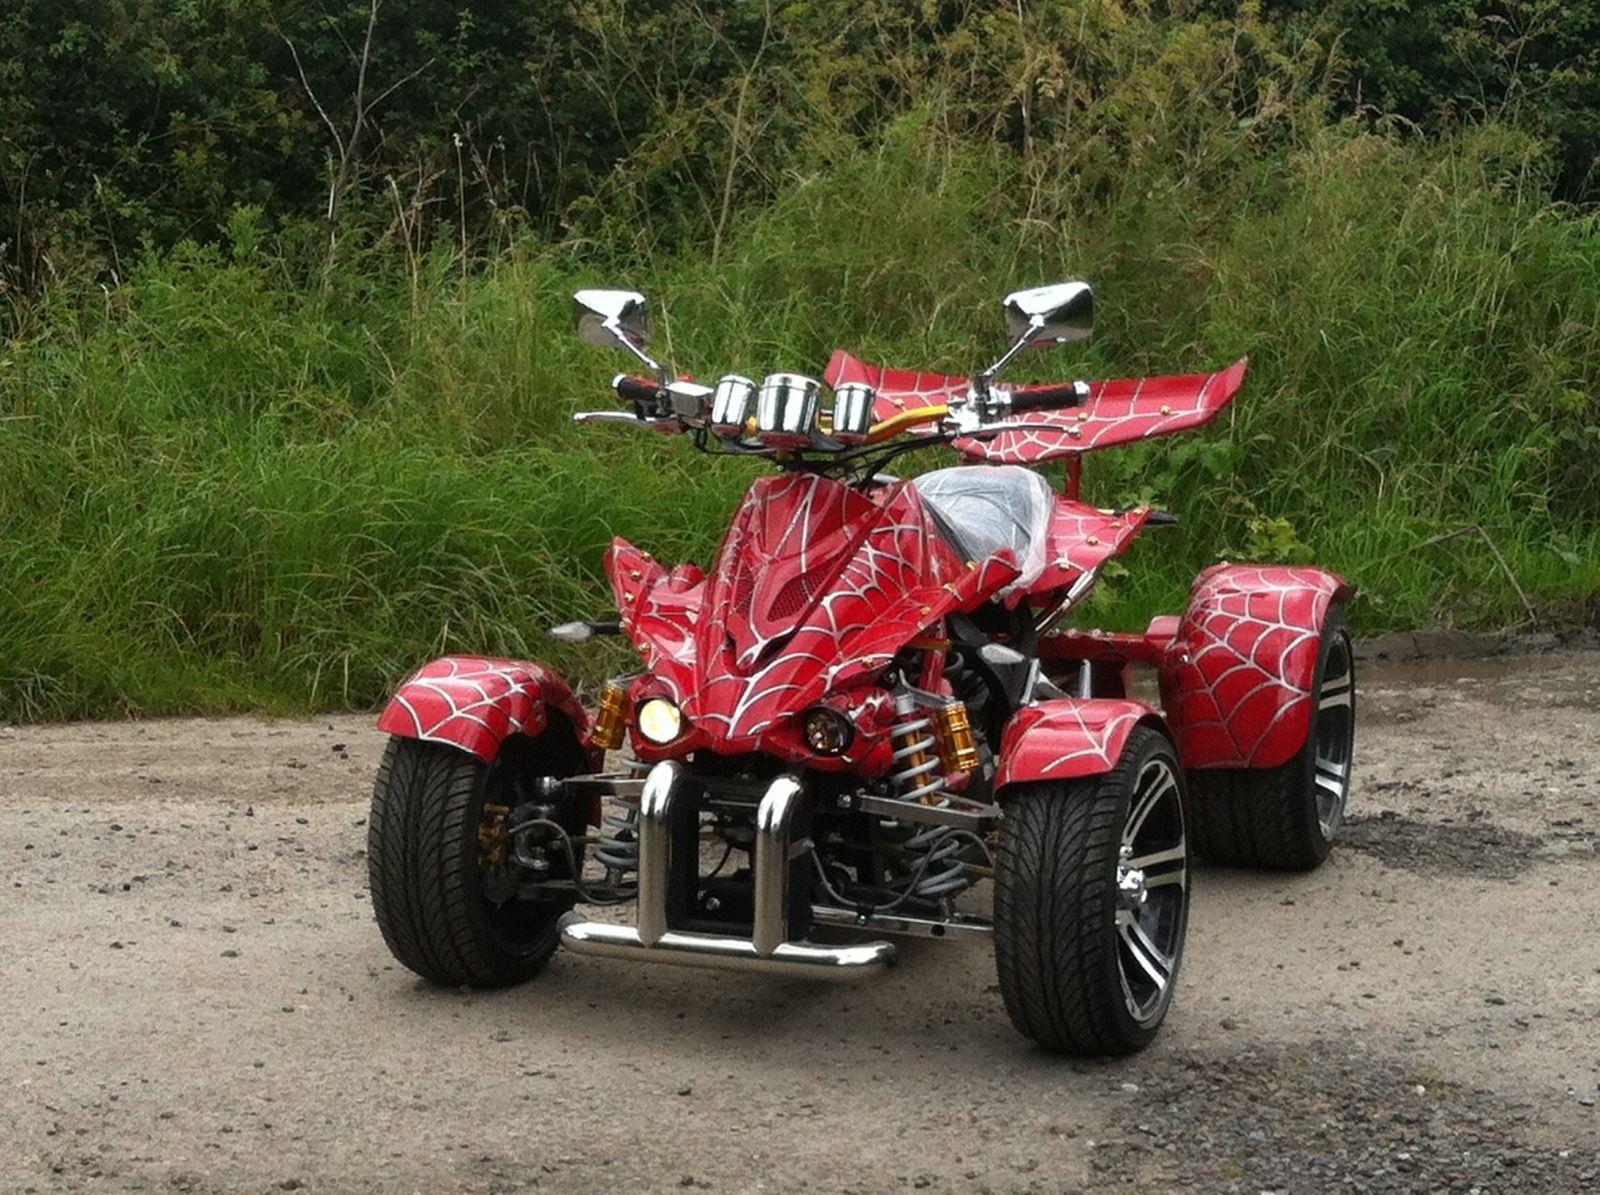 Spy racing 350cc spiderman road legal quad bike brand new un registered - Quad spiderman ...